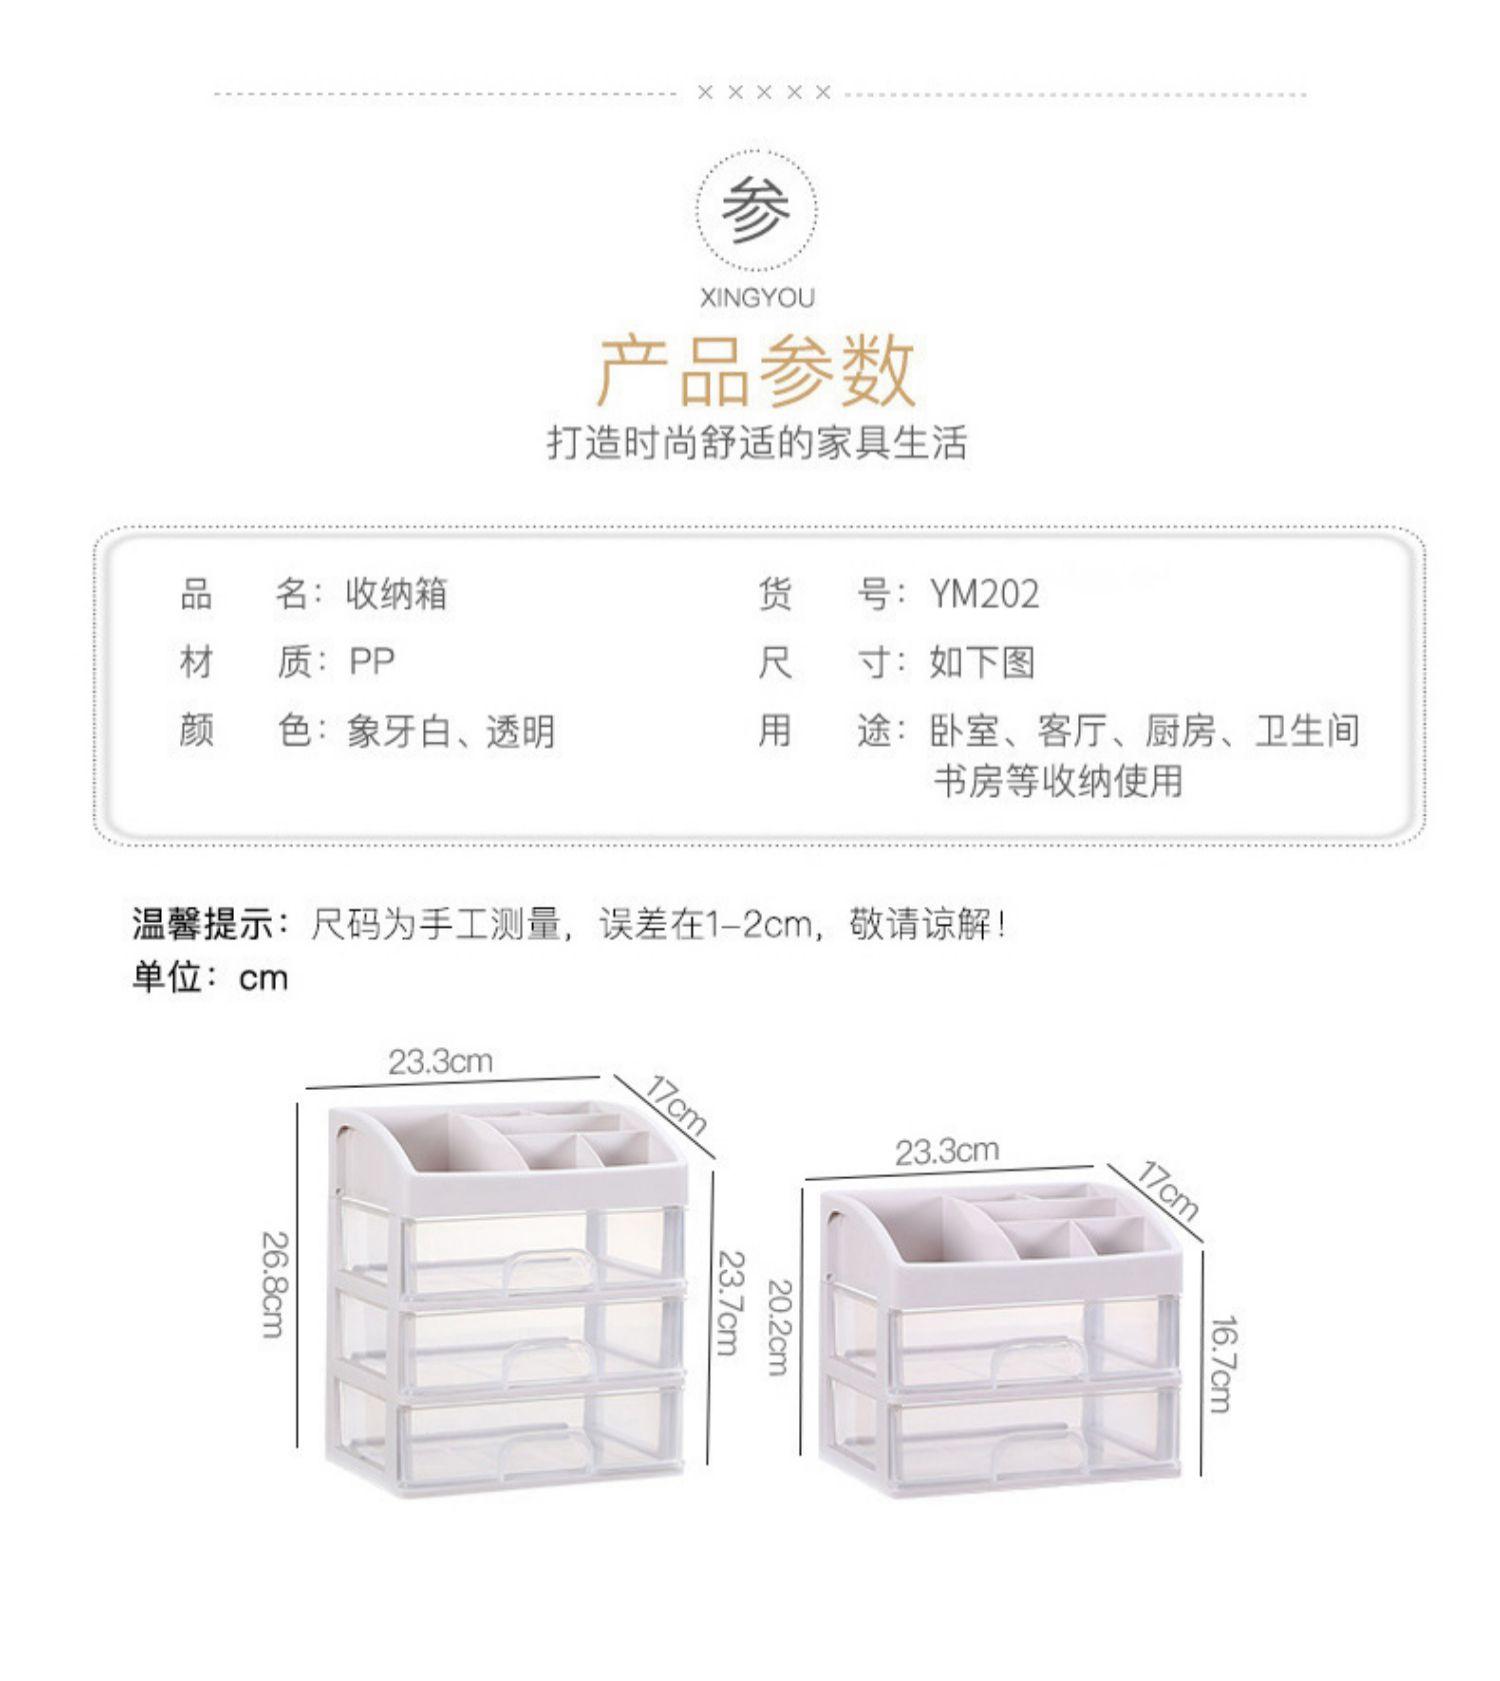 化妆品收纳盒抽屉式置物架